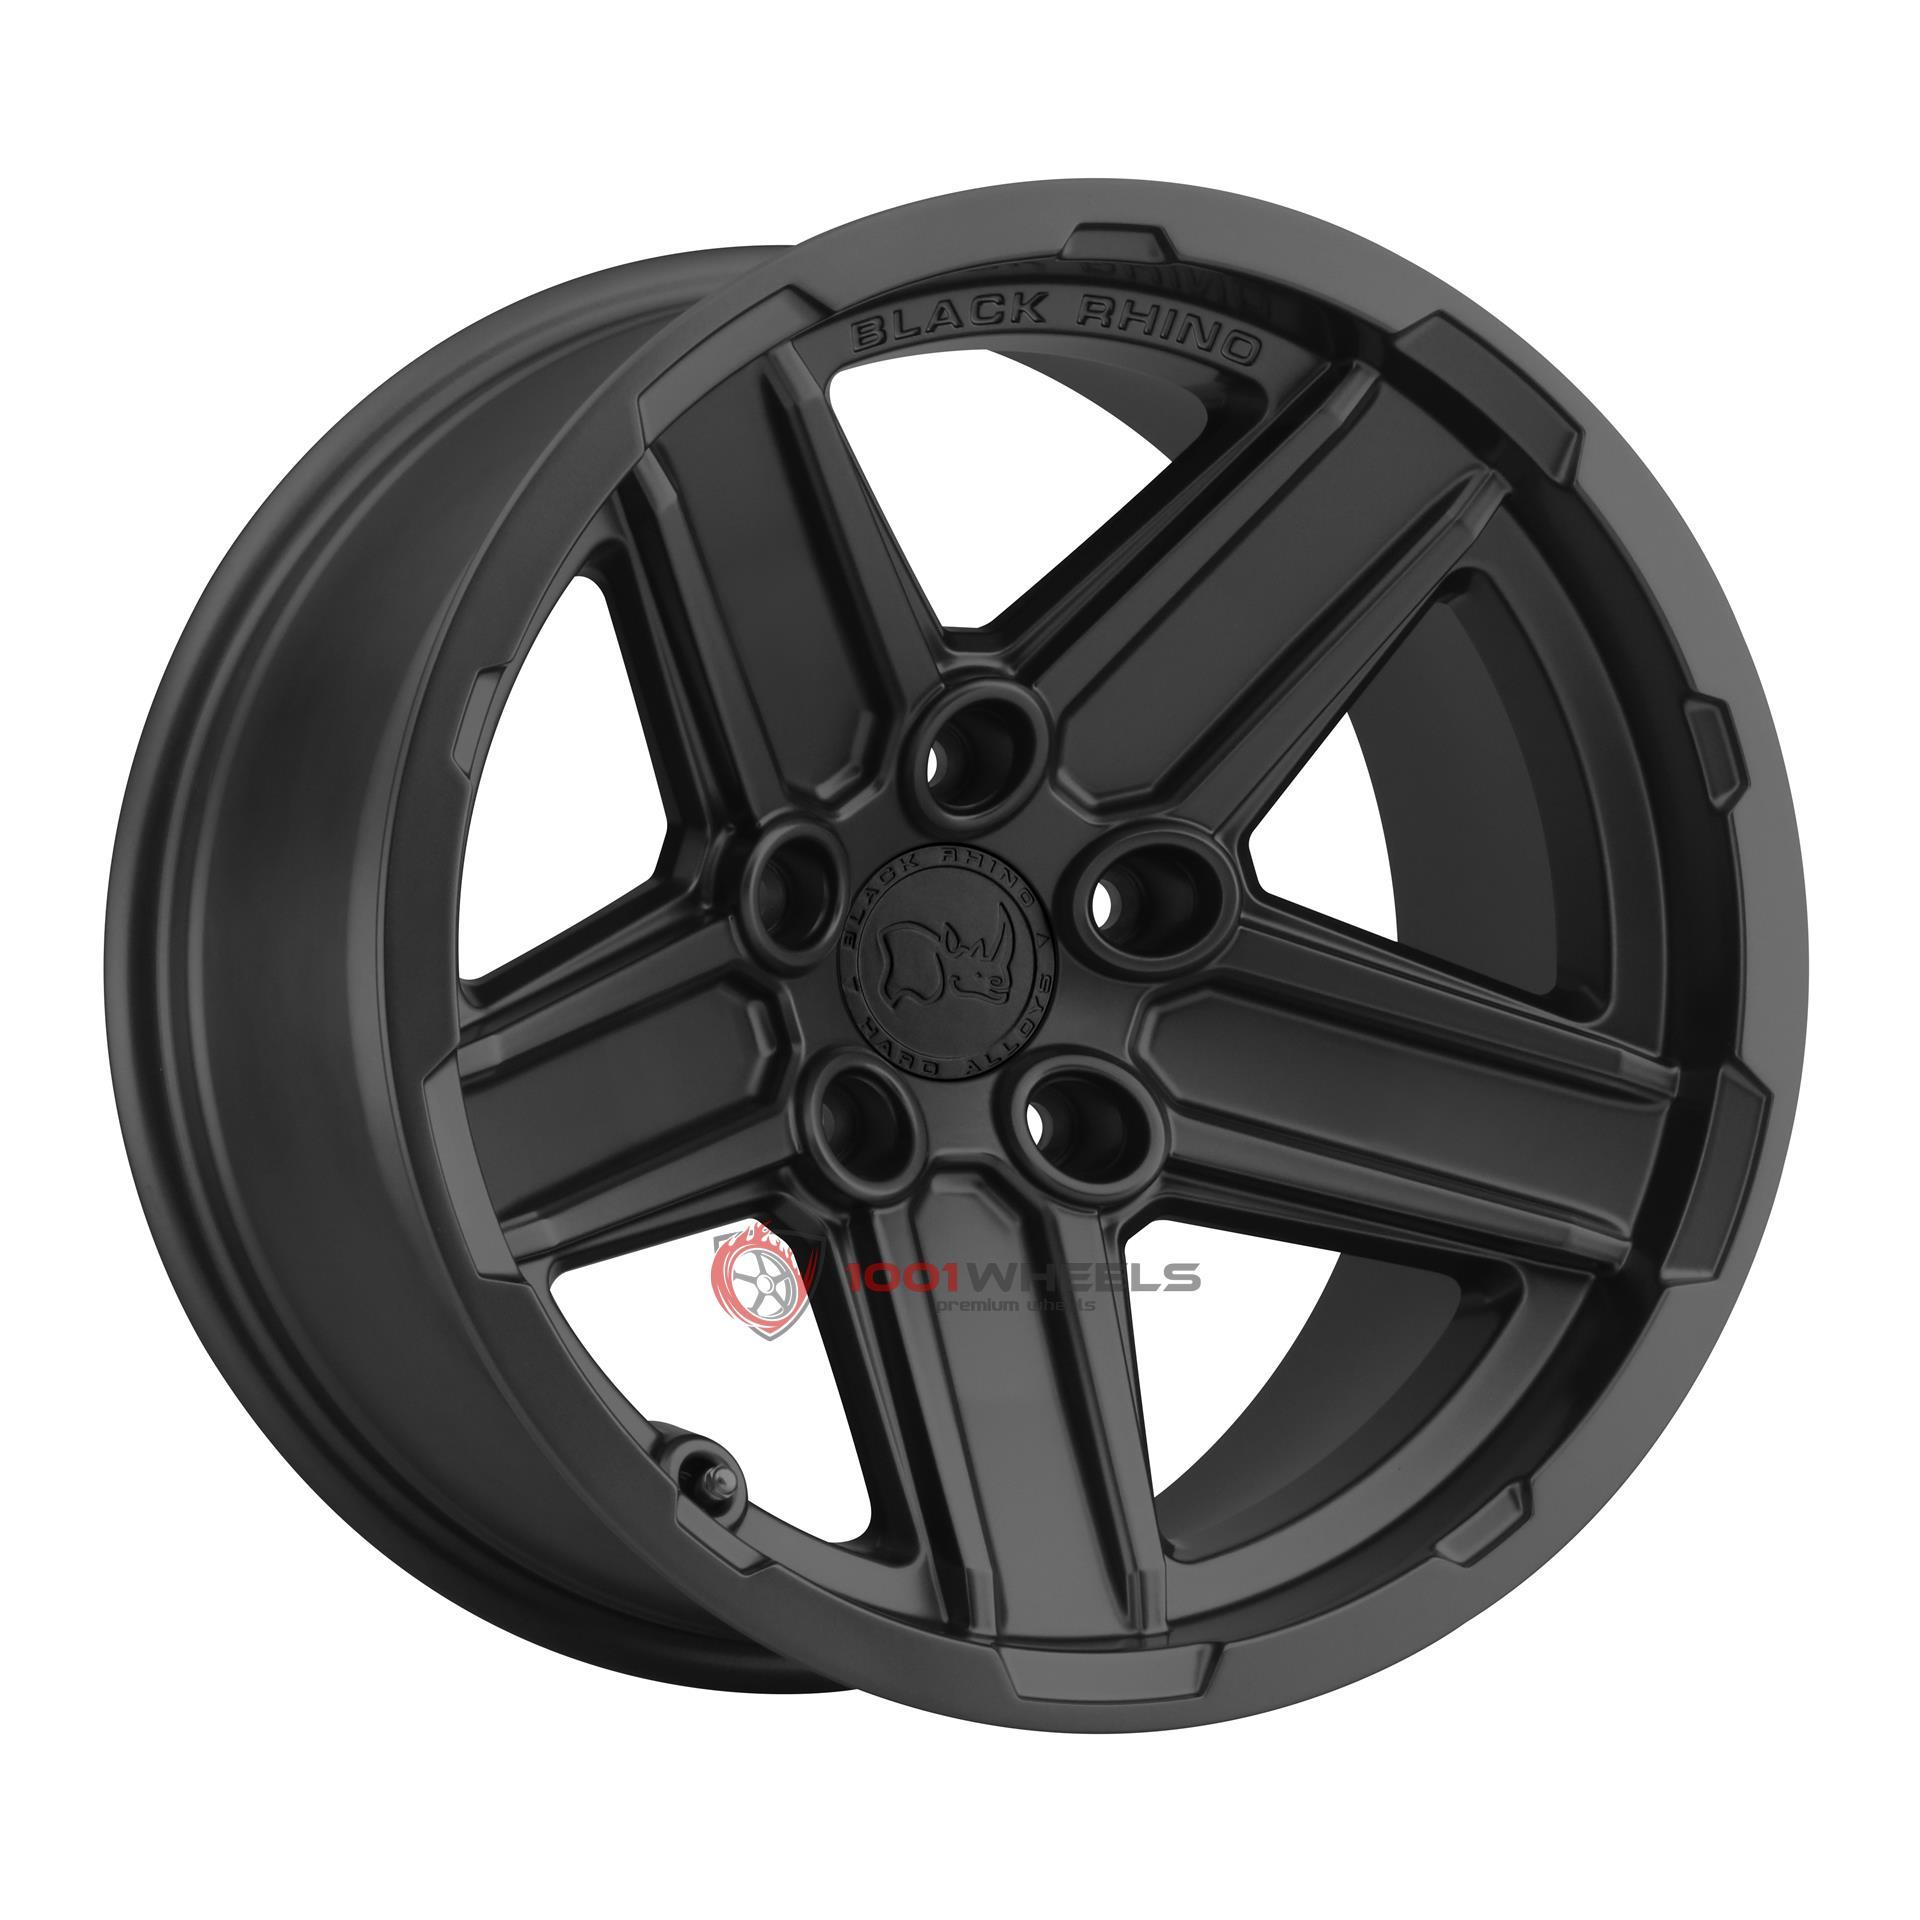 BLACK RHINO RECON matte-black